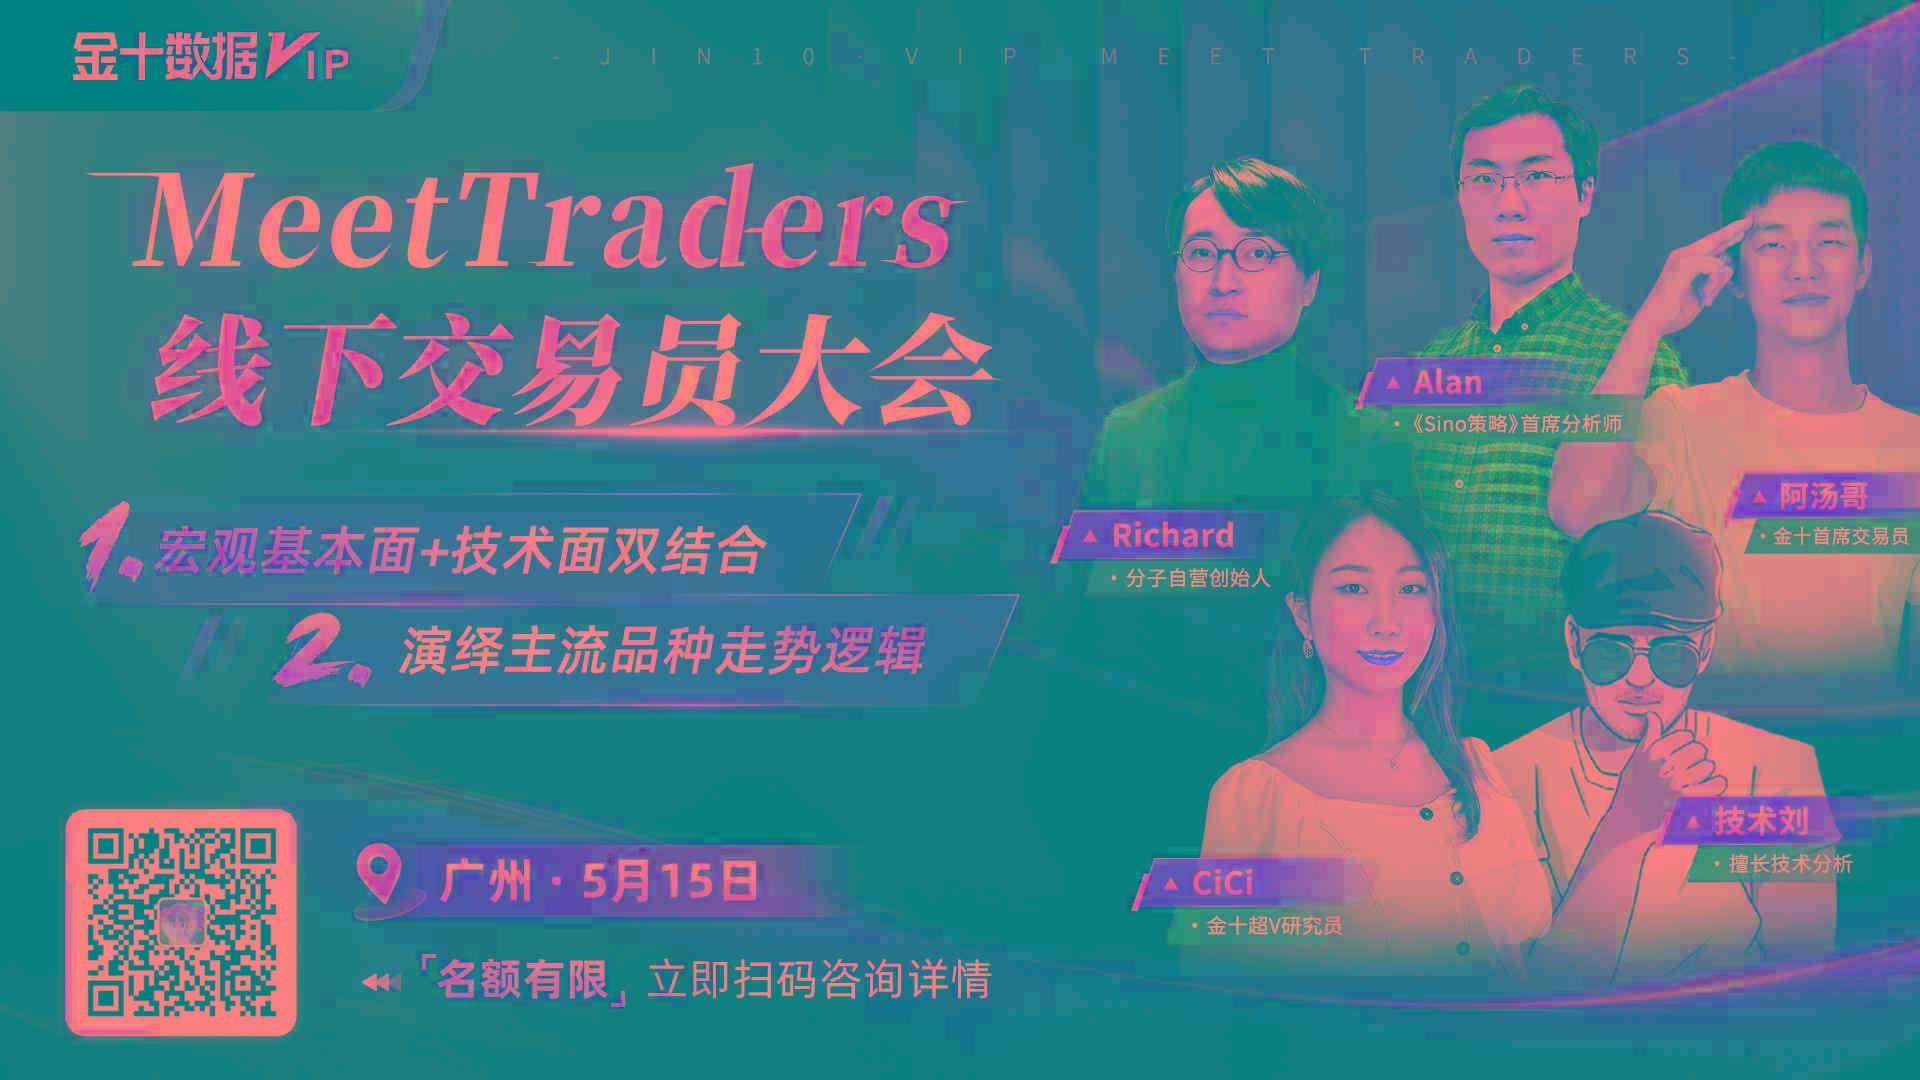 技术刘:小非农揭晓前黄金交投区间下移,哪些点位值得关注?